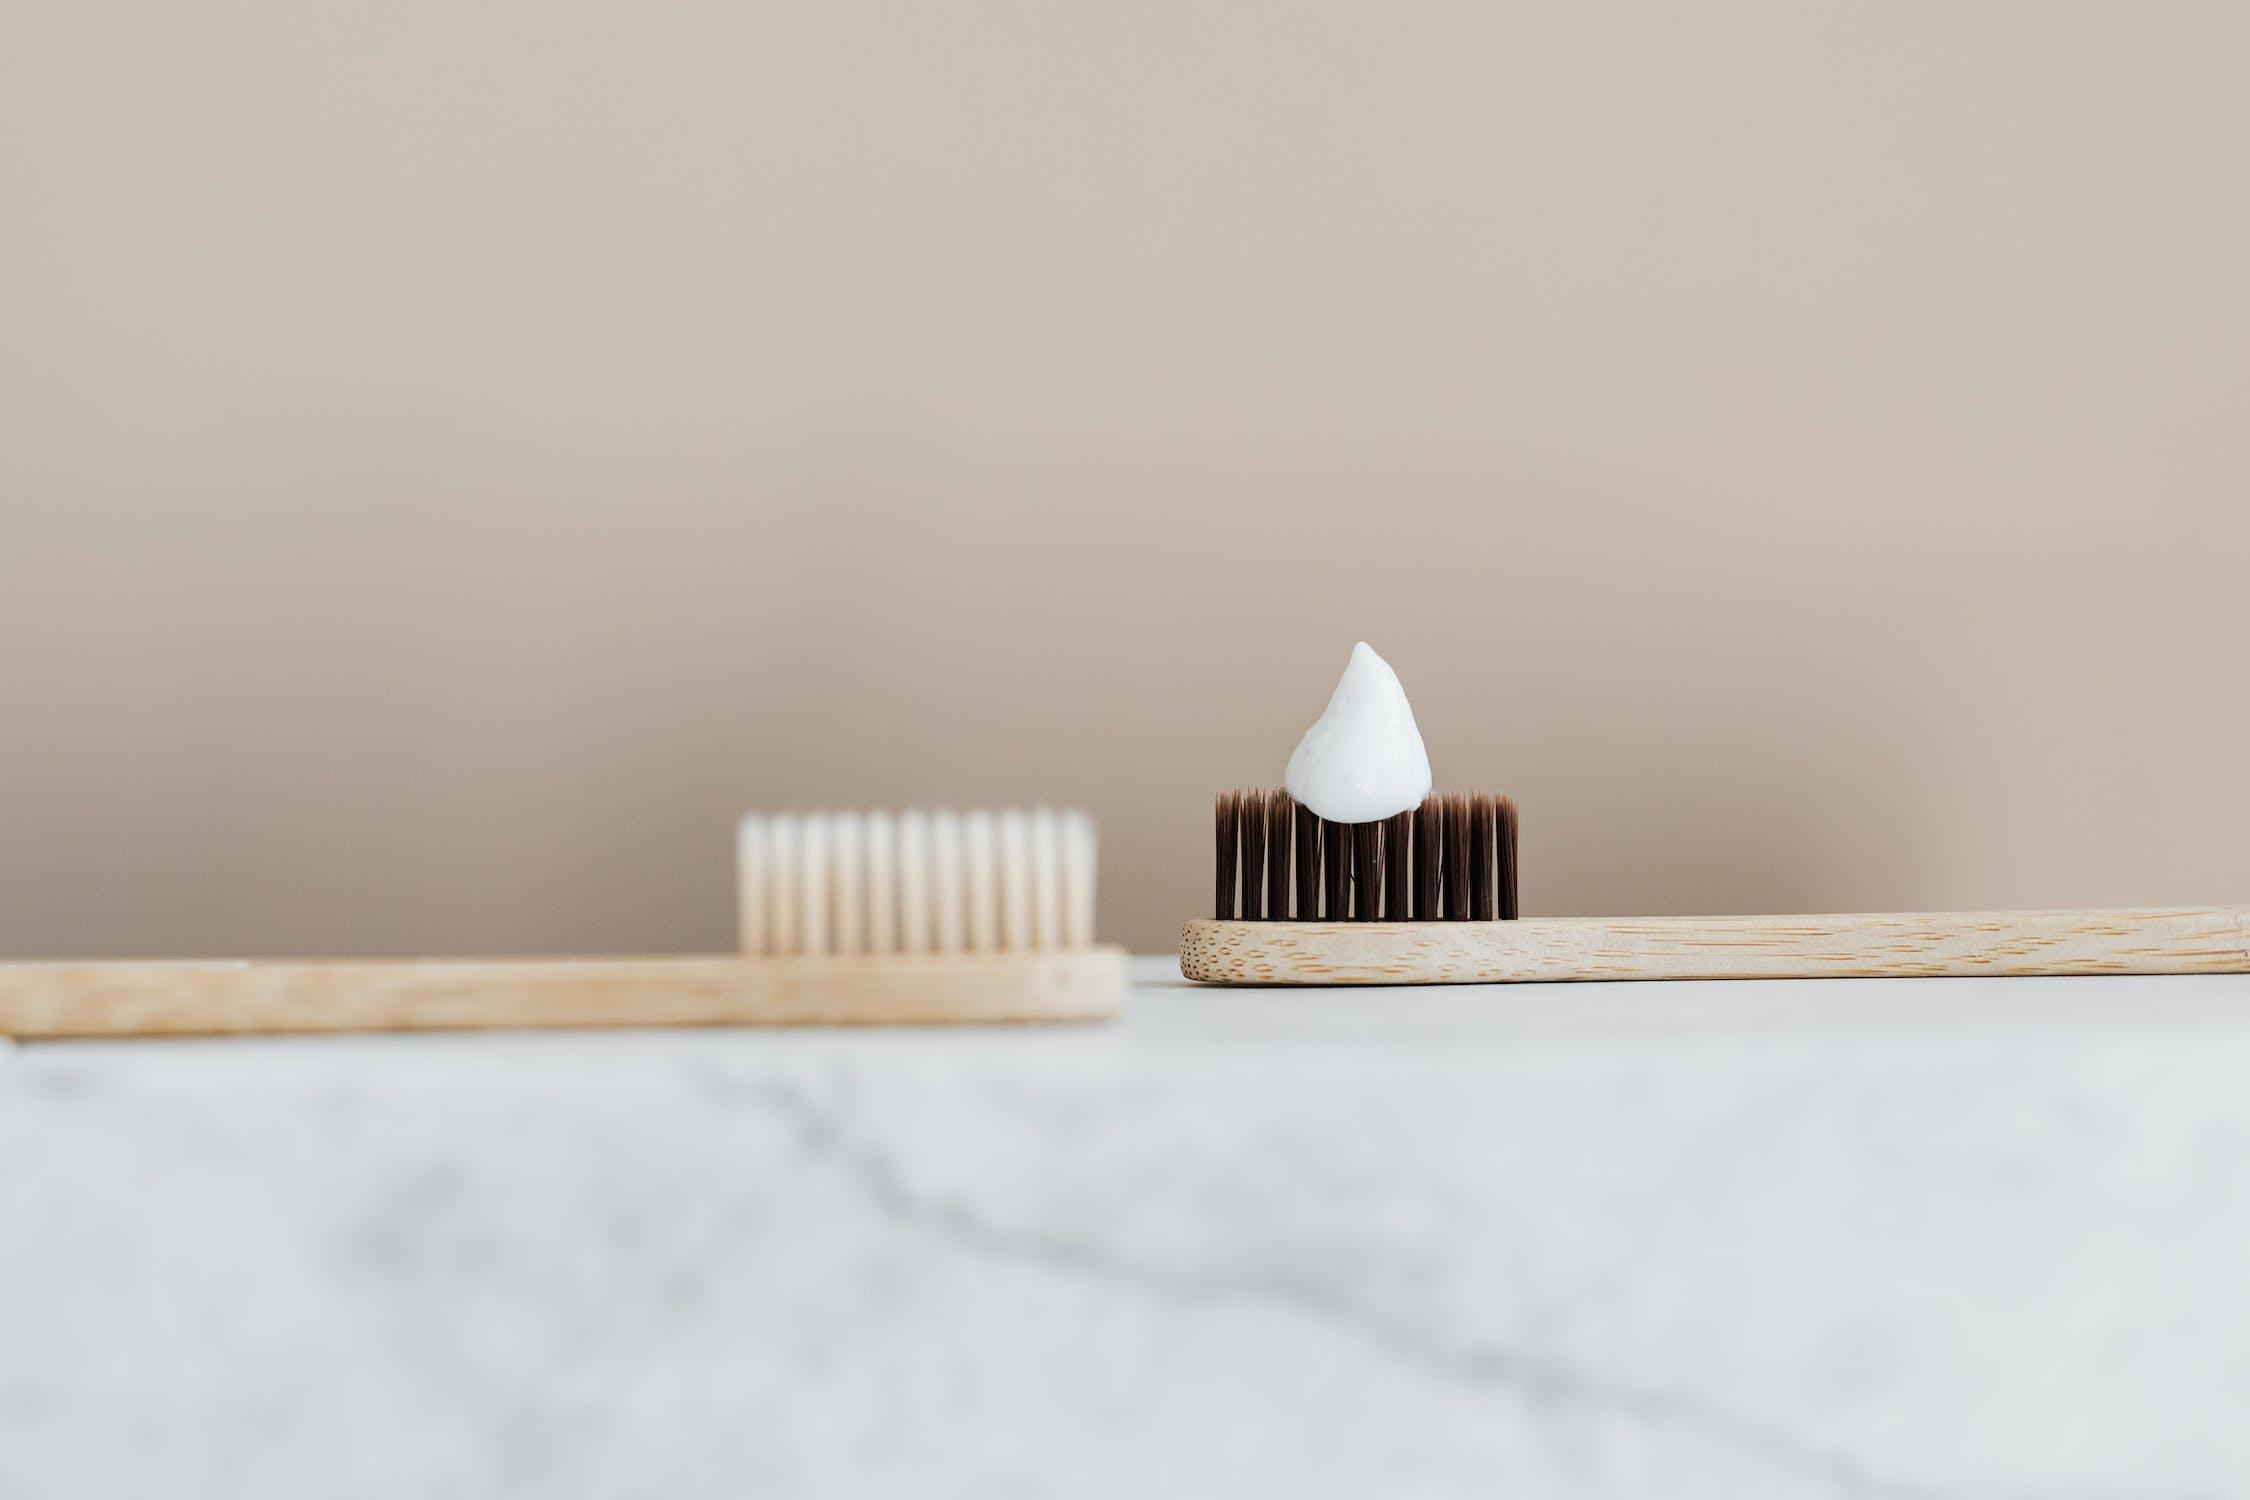 Jaka jest najlepsza pasta do zębów?